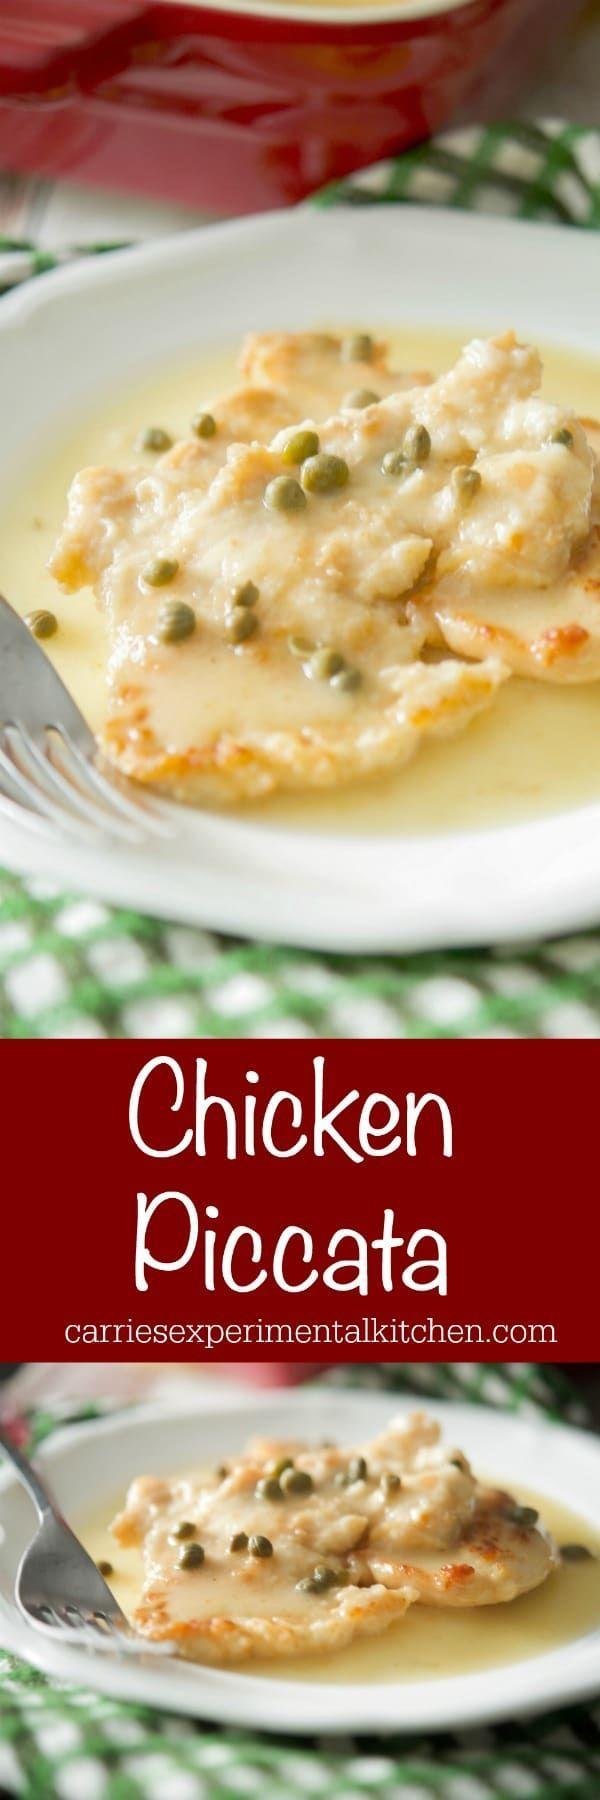 Chicken Piccata Recipe Chicken Recipes Boneless Chicken Piccata Chicken Crockpot Recipes